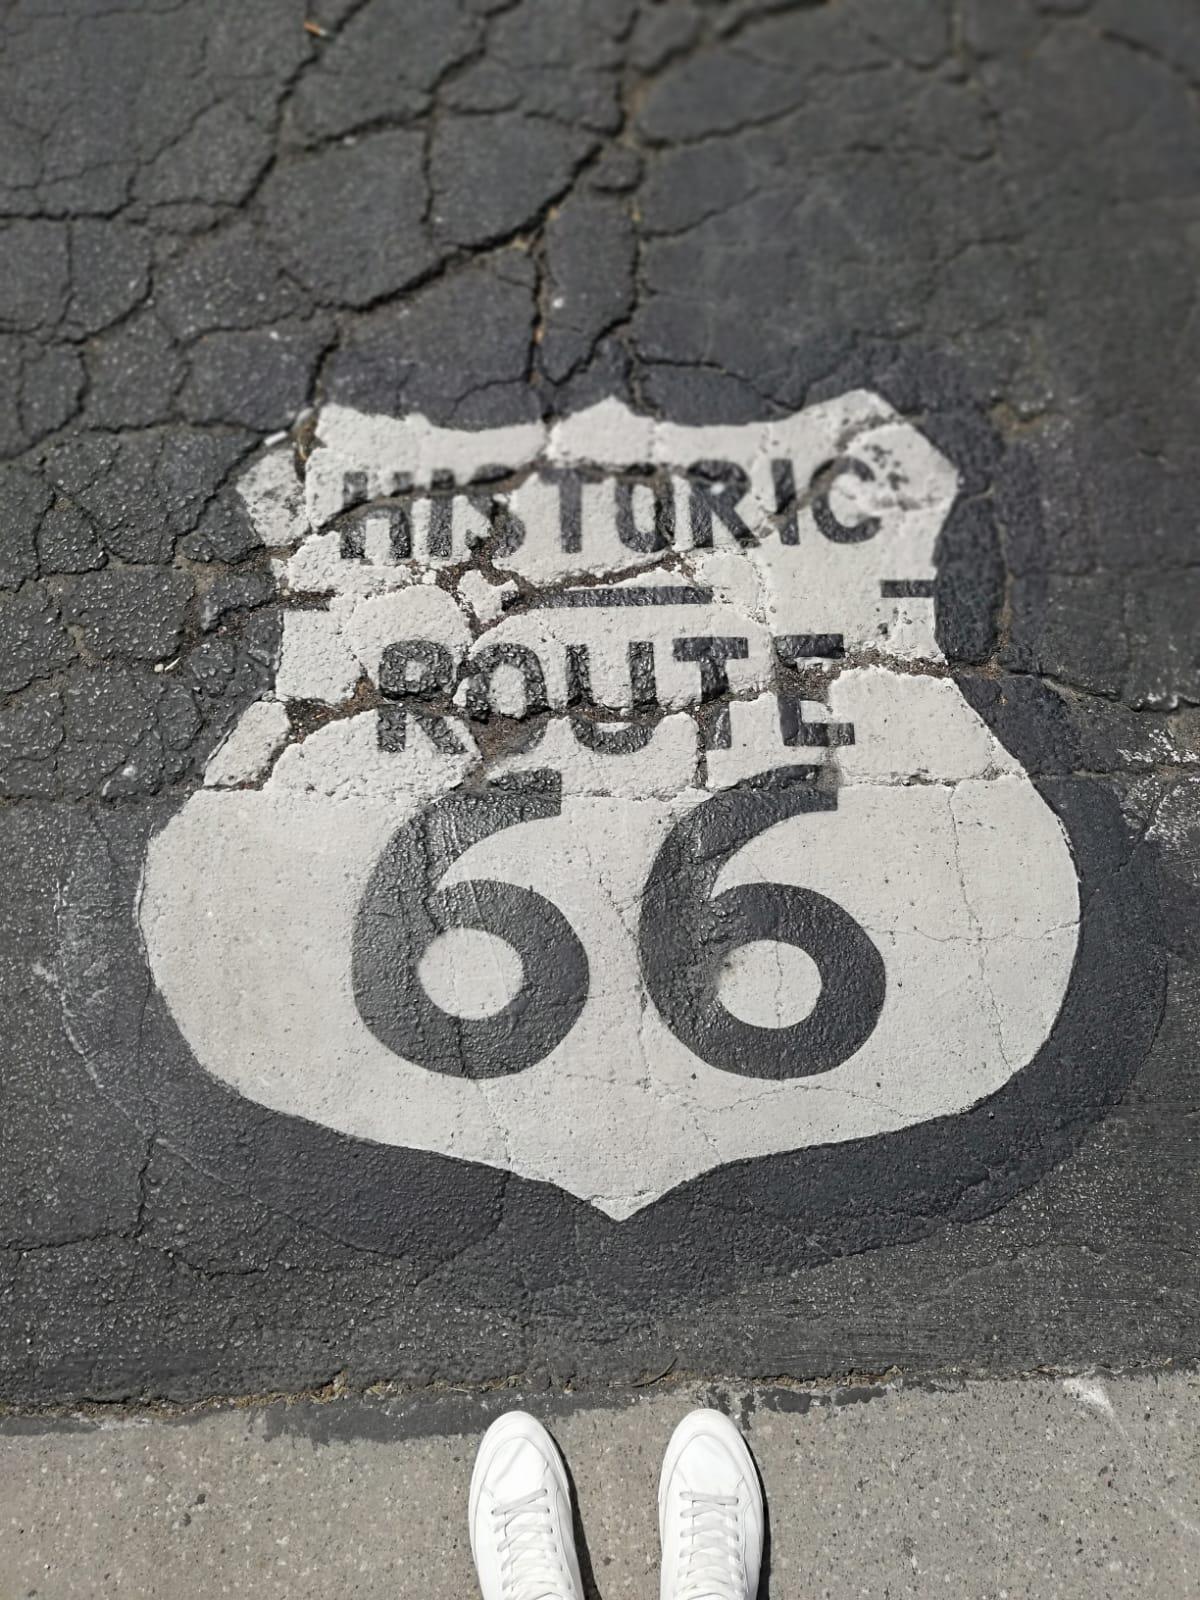 Todo sobre la ruta 66